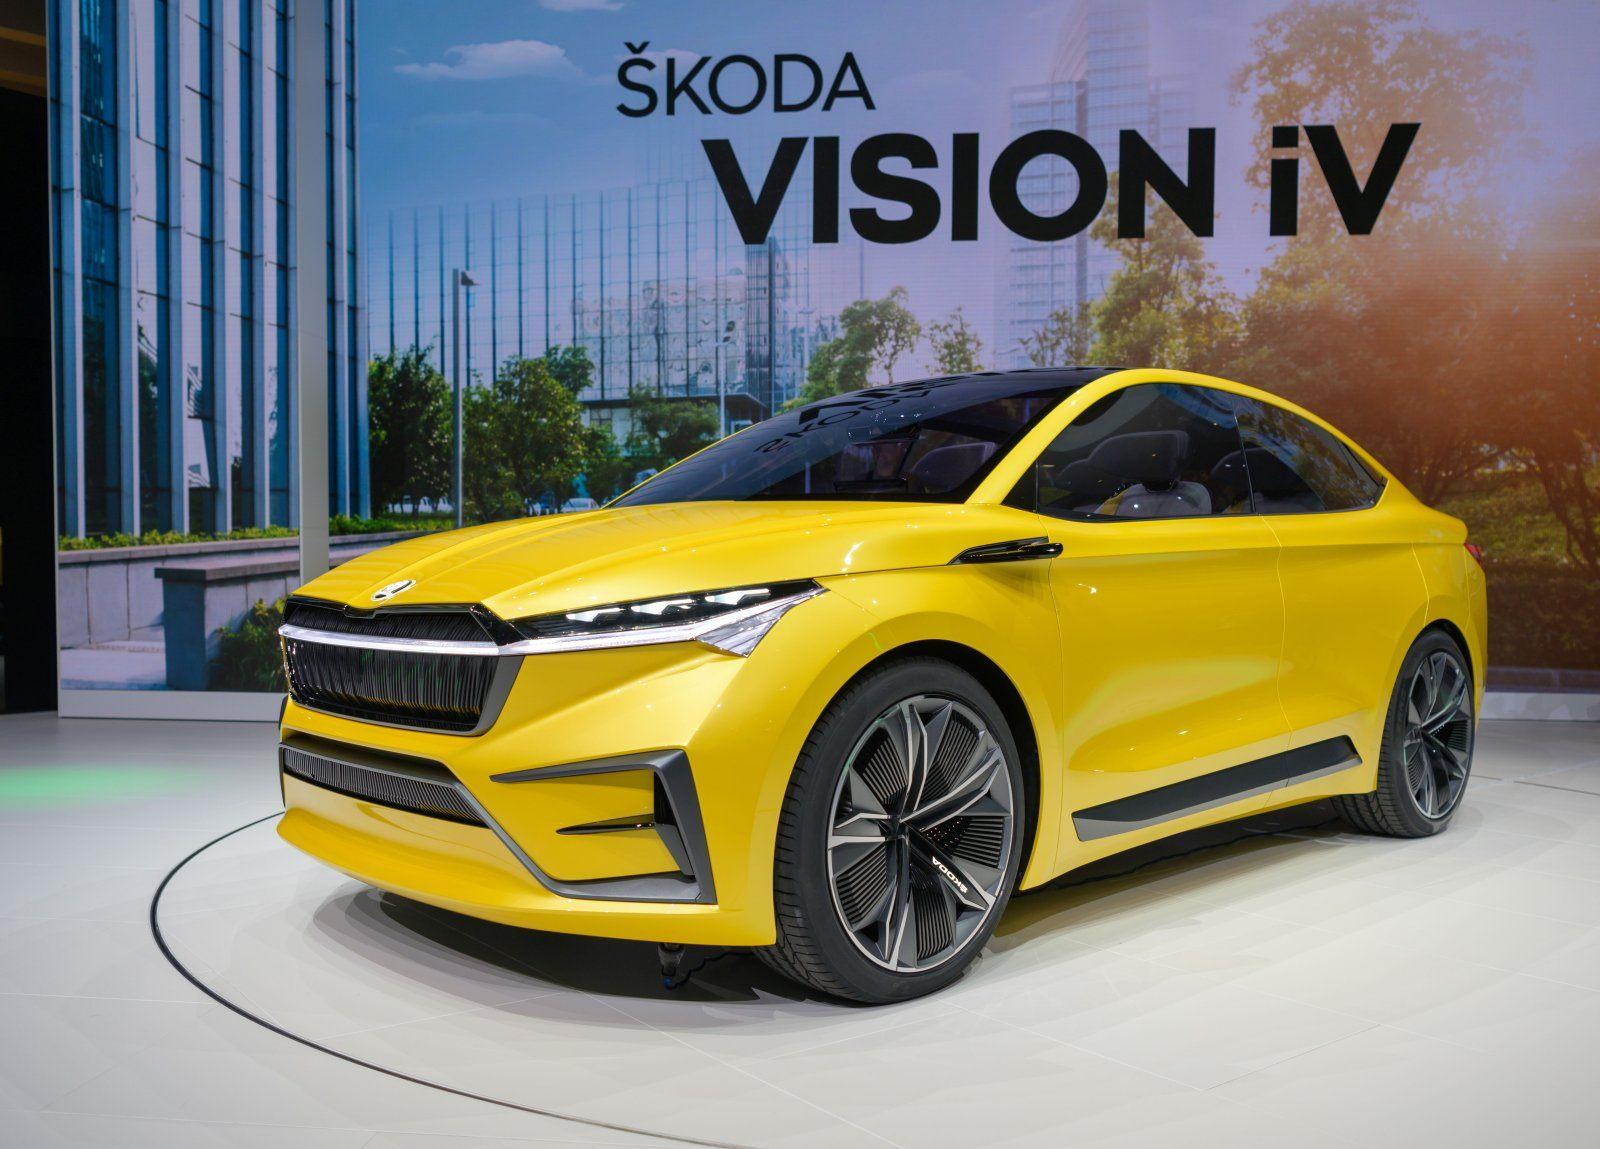 Skoda Vision iV (2019)